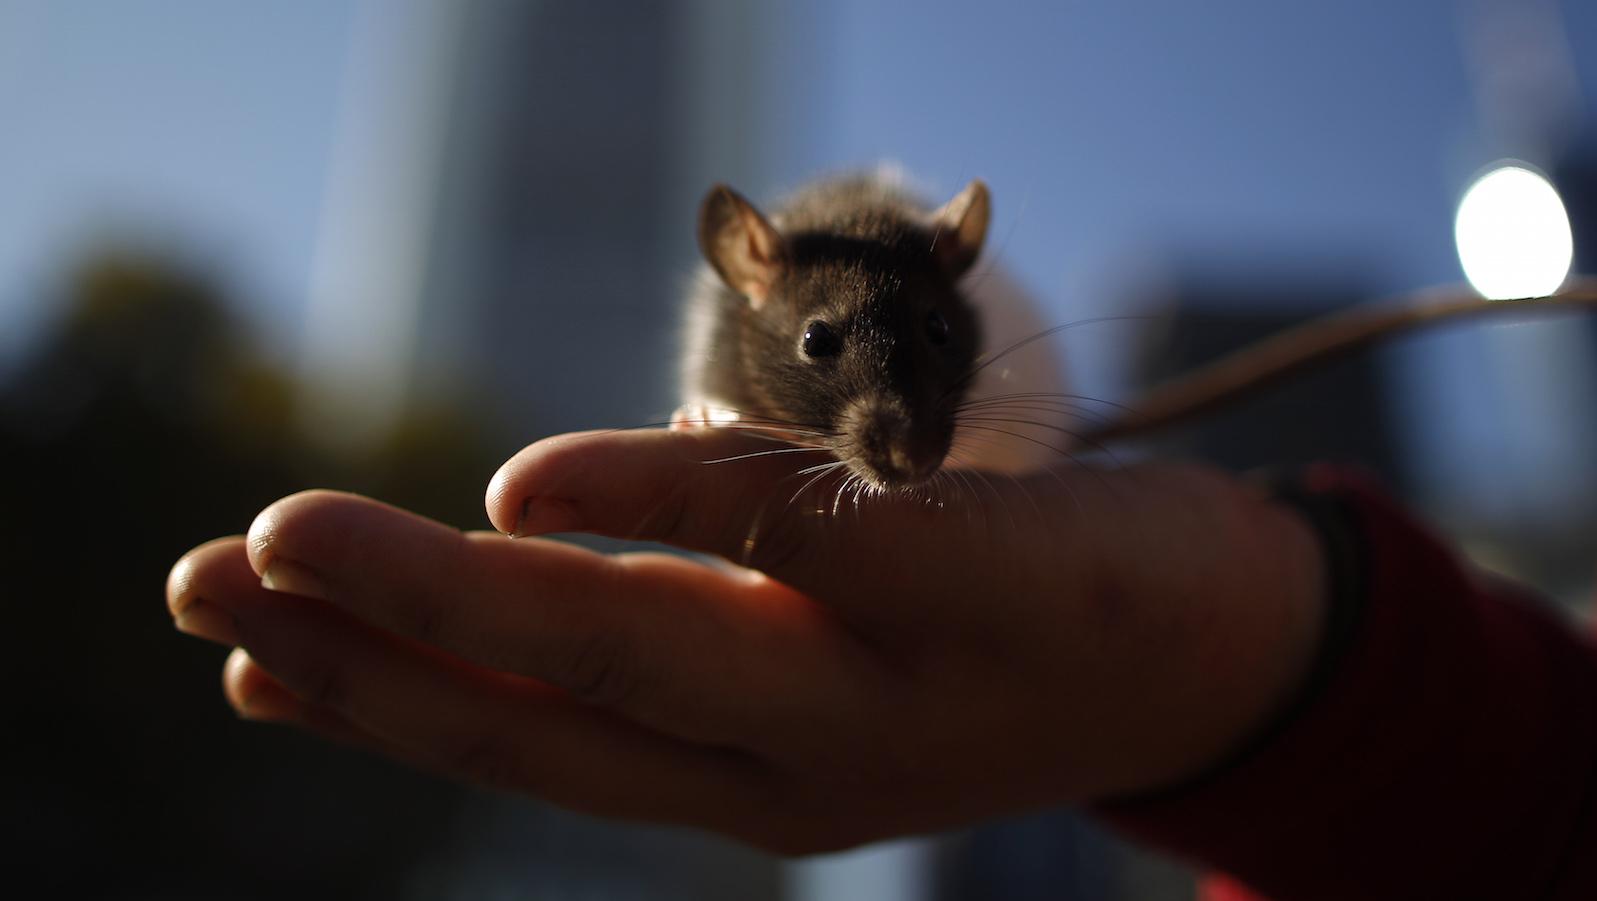 A pet rat sits on an open hand